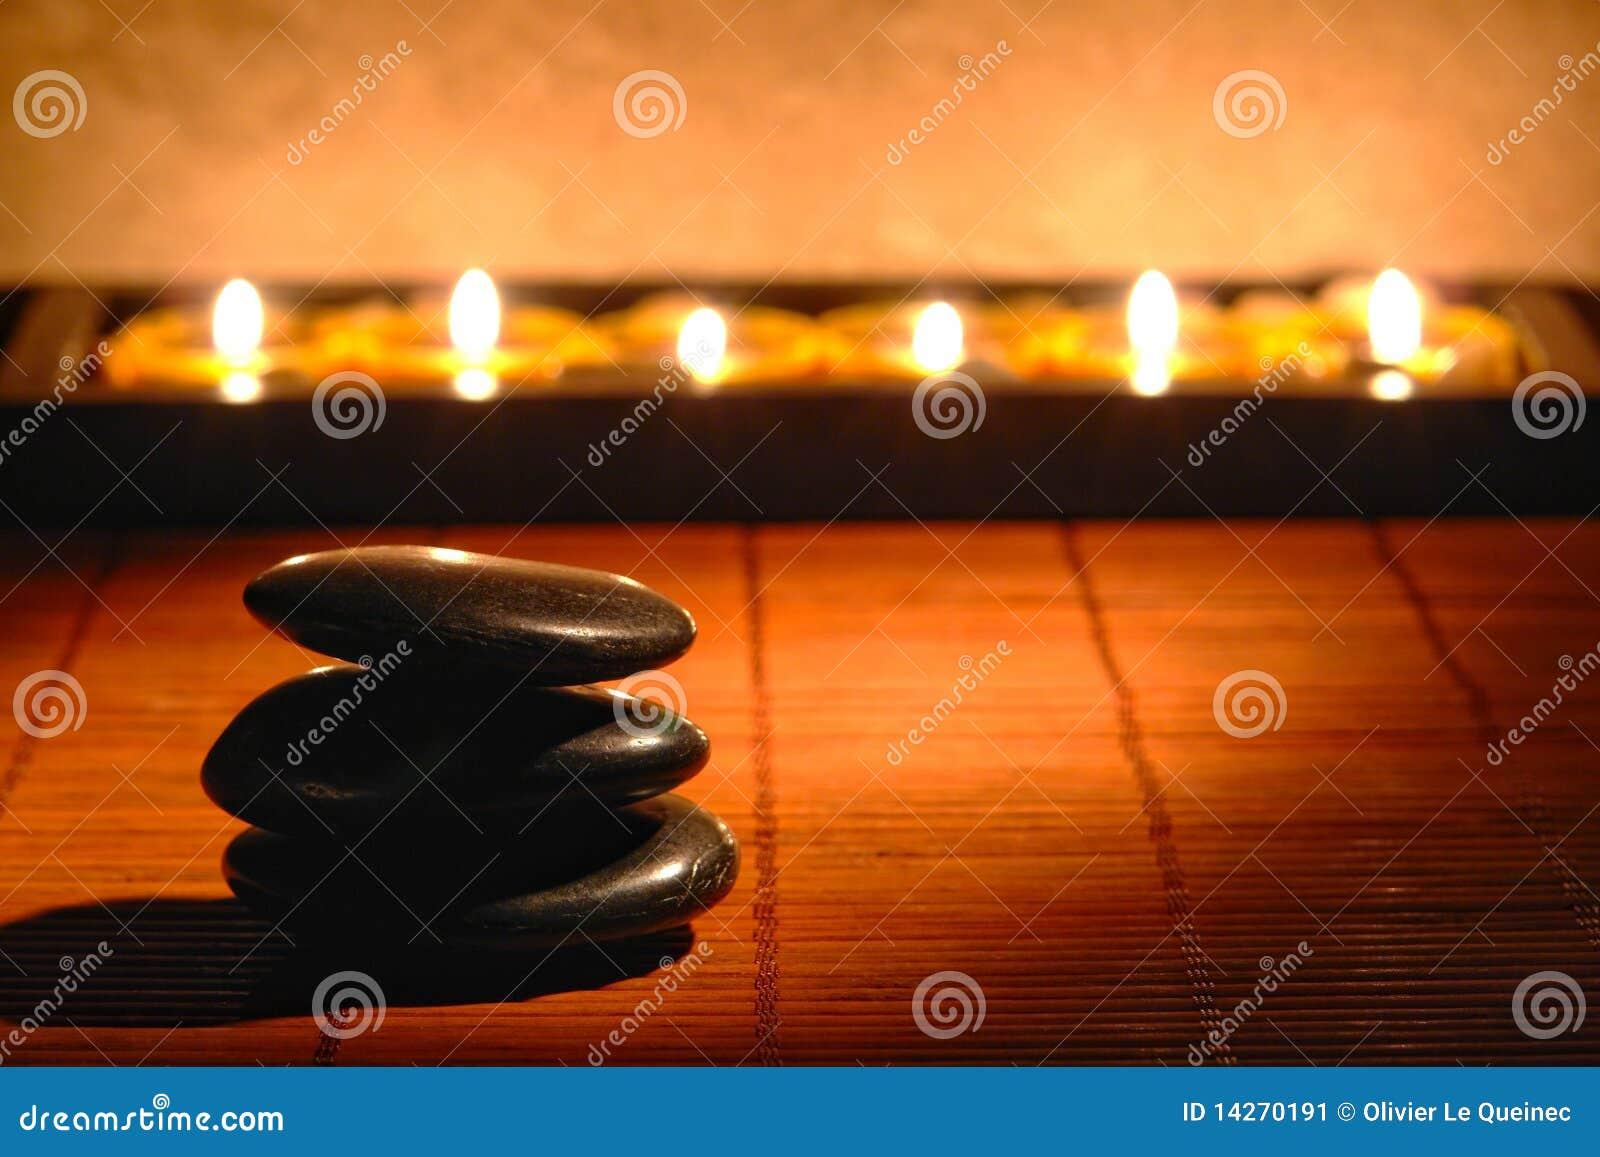 Opgepoetste Steen Kern met Kaarsen in een Kuuroord